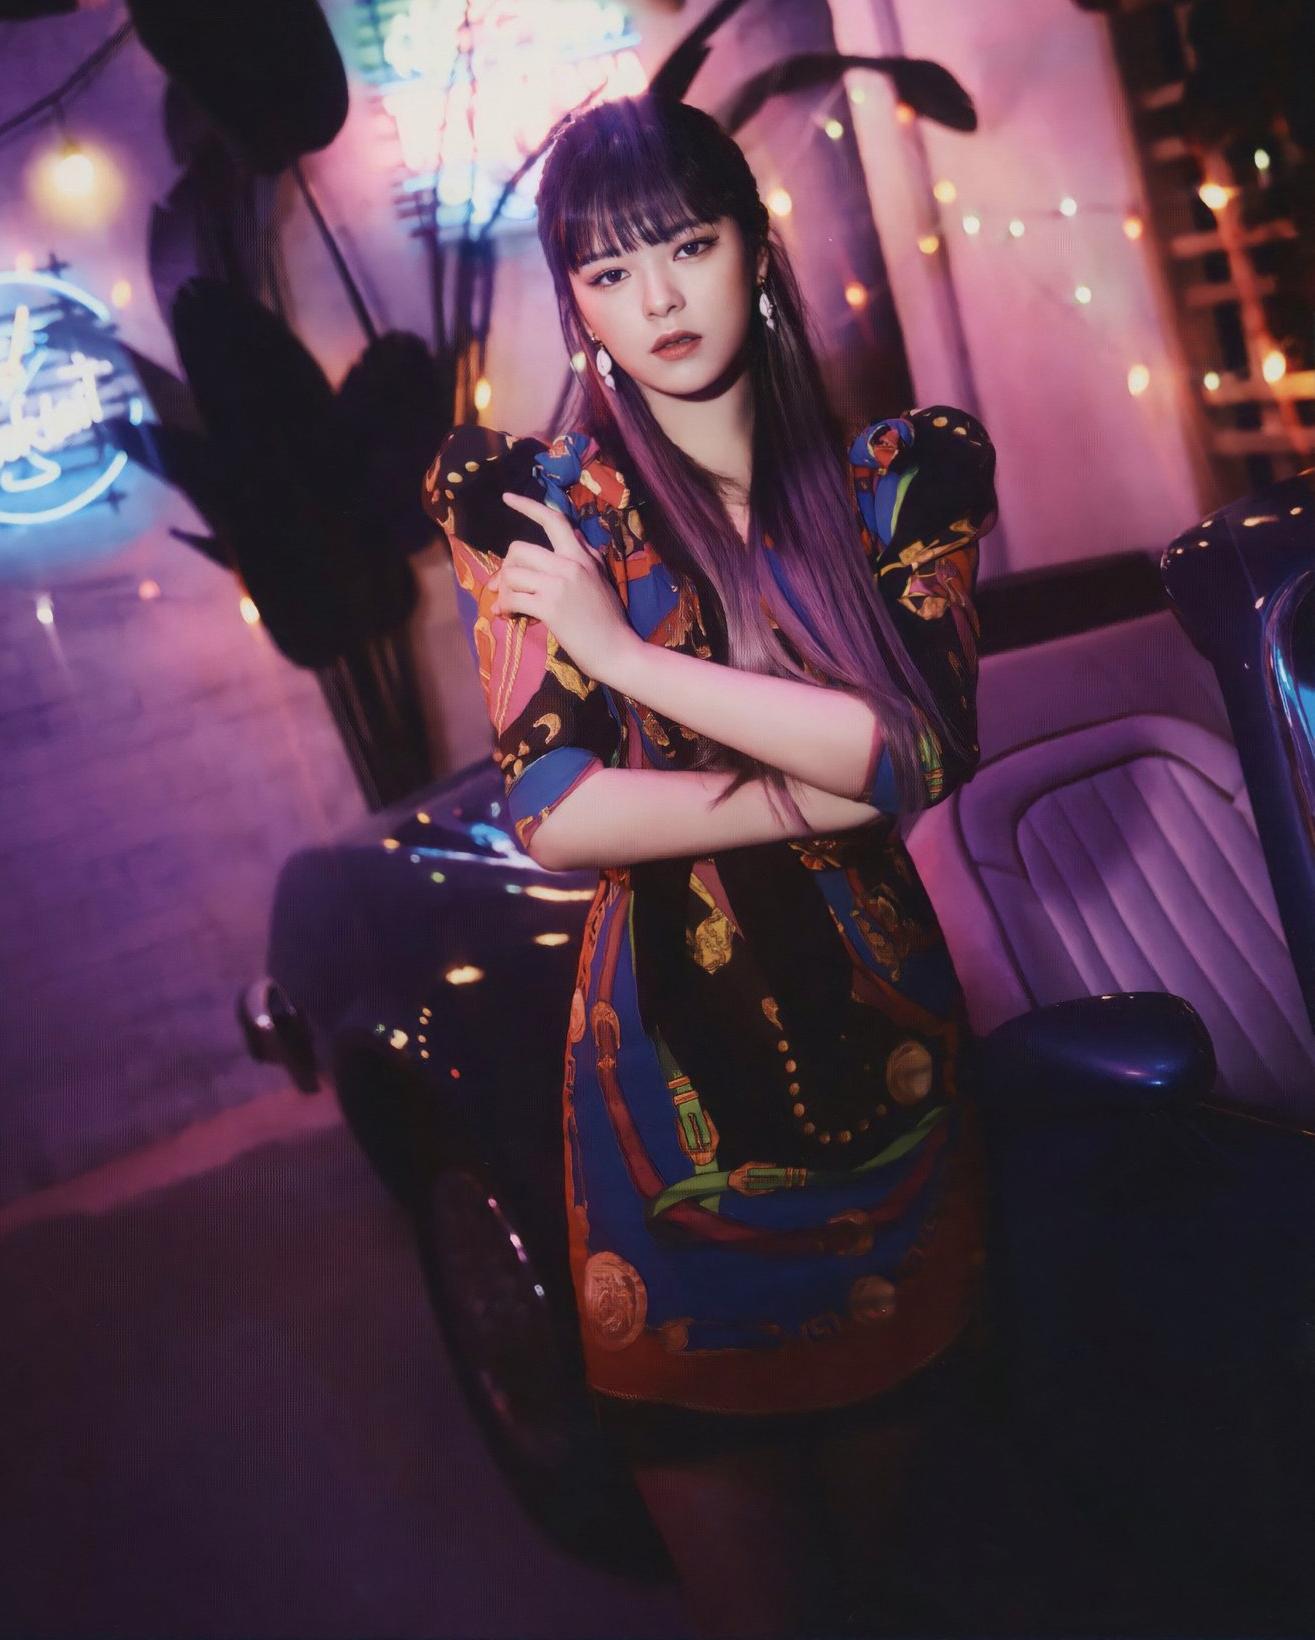 Nhiều người hâm mộ kỳ vọng stylist sẽ thiết kế cho mỹ nhân Twice những kiểu đồ phù hợp cơ thể hơn.